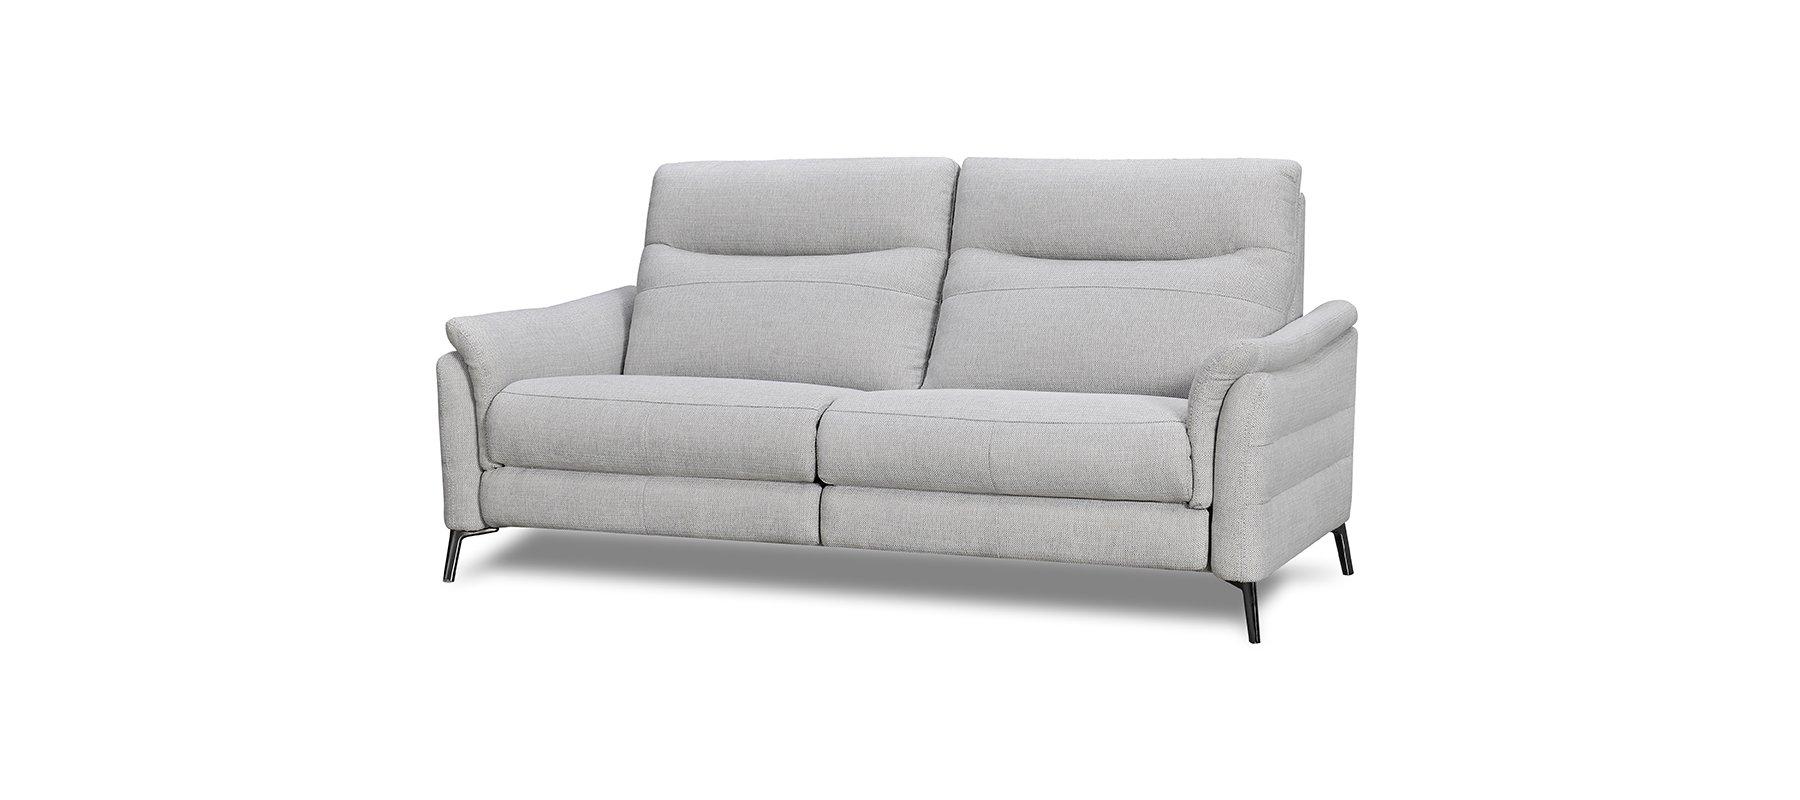 Canapé relax électrique JENNY - Largeur 200 cm